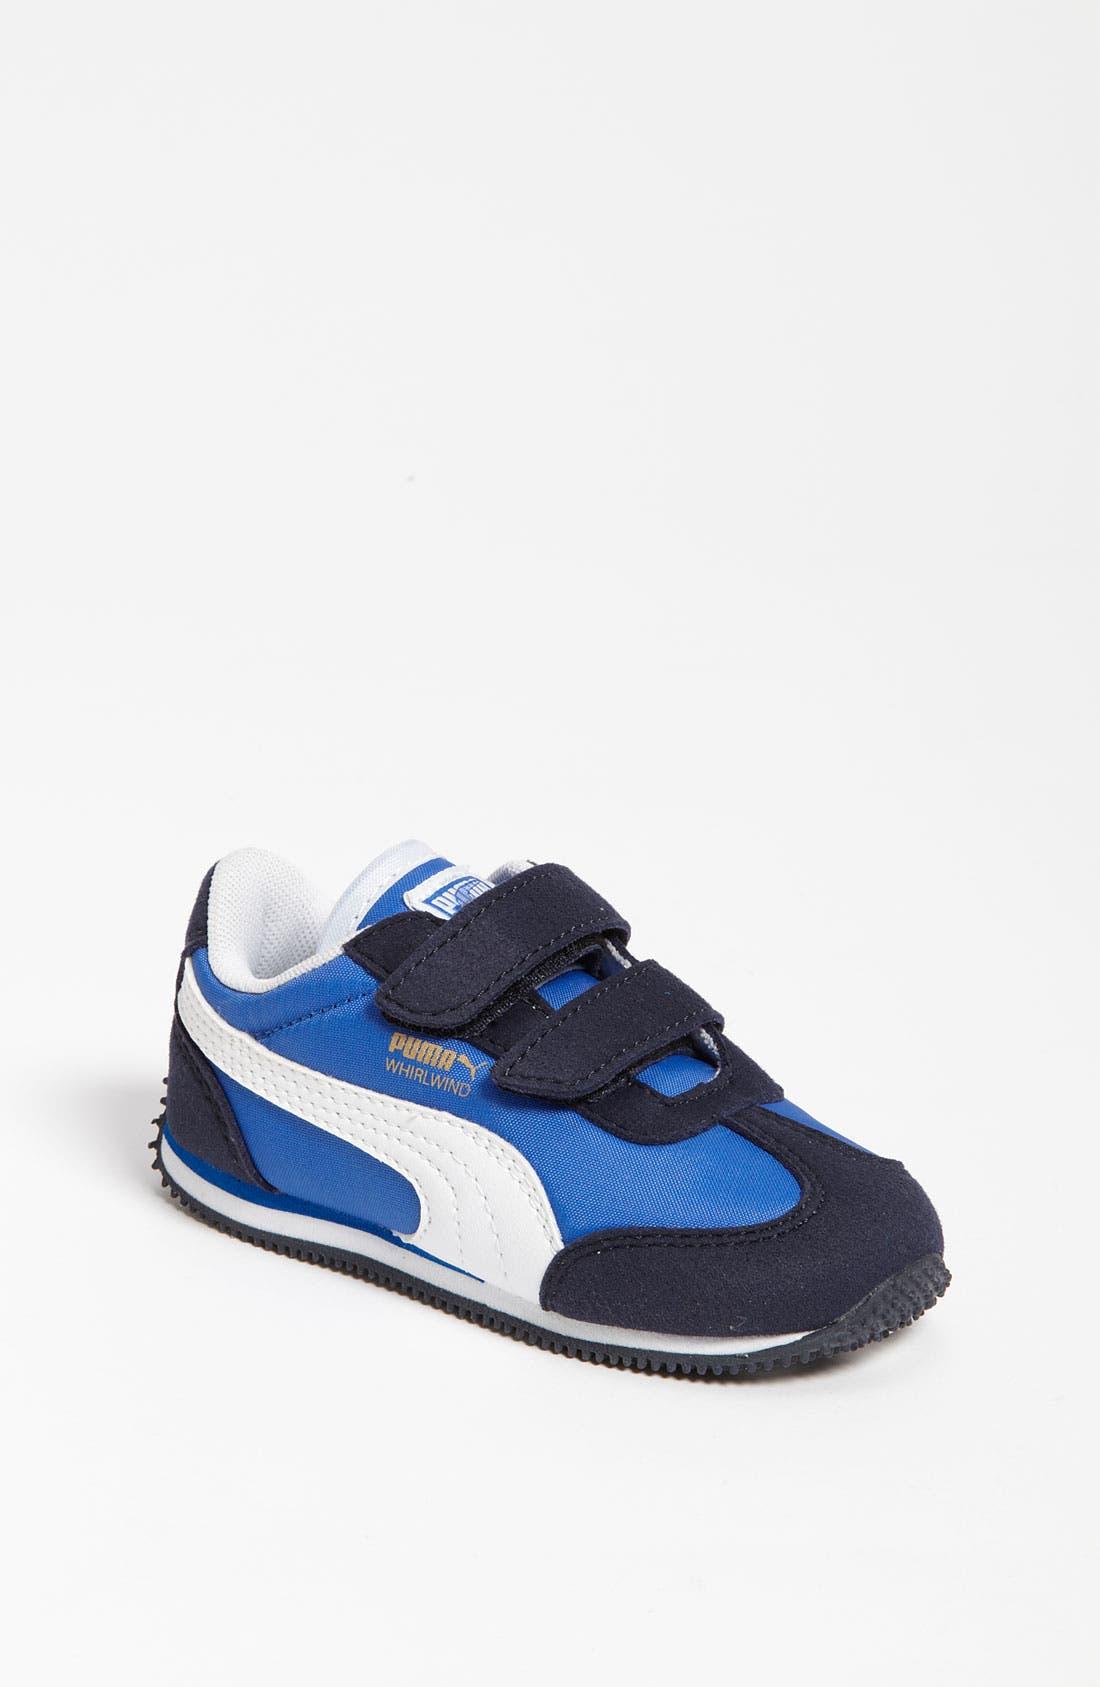 Alternate Image 1 Selected - PUMA 'Whirlwind' Sneaker (Baby, Walker, Toddler, Little Kid & Big Kid)